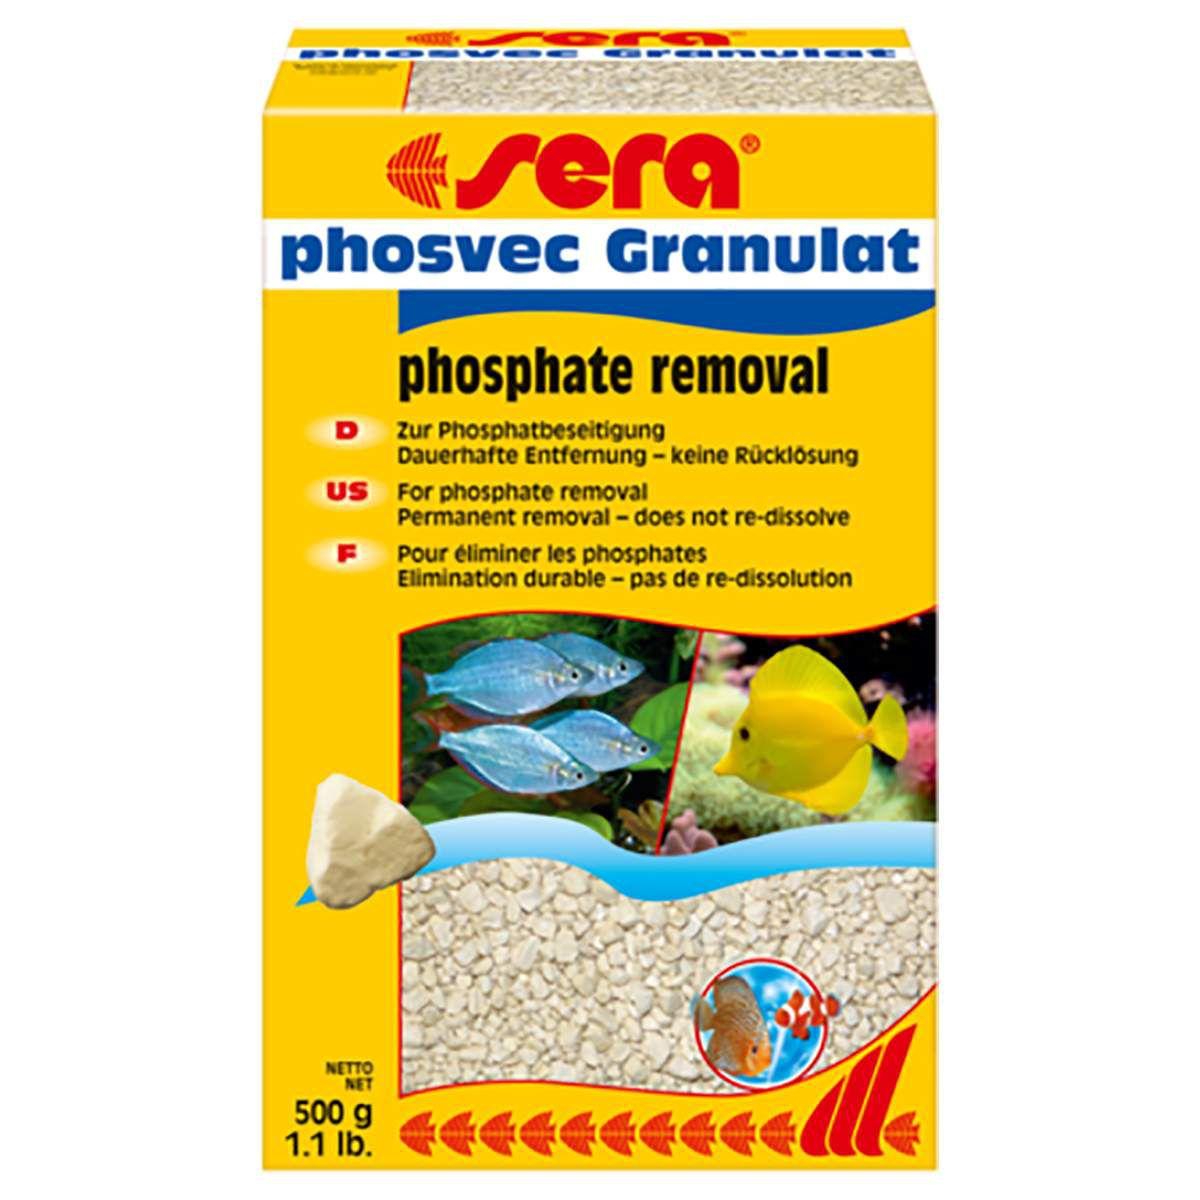 Sera Phosvec Granulat 500g Removedor de Fosfato